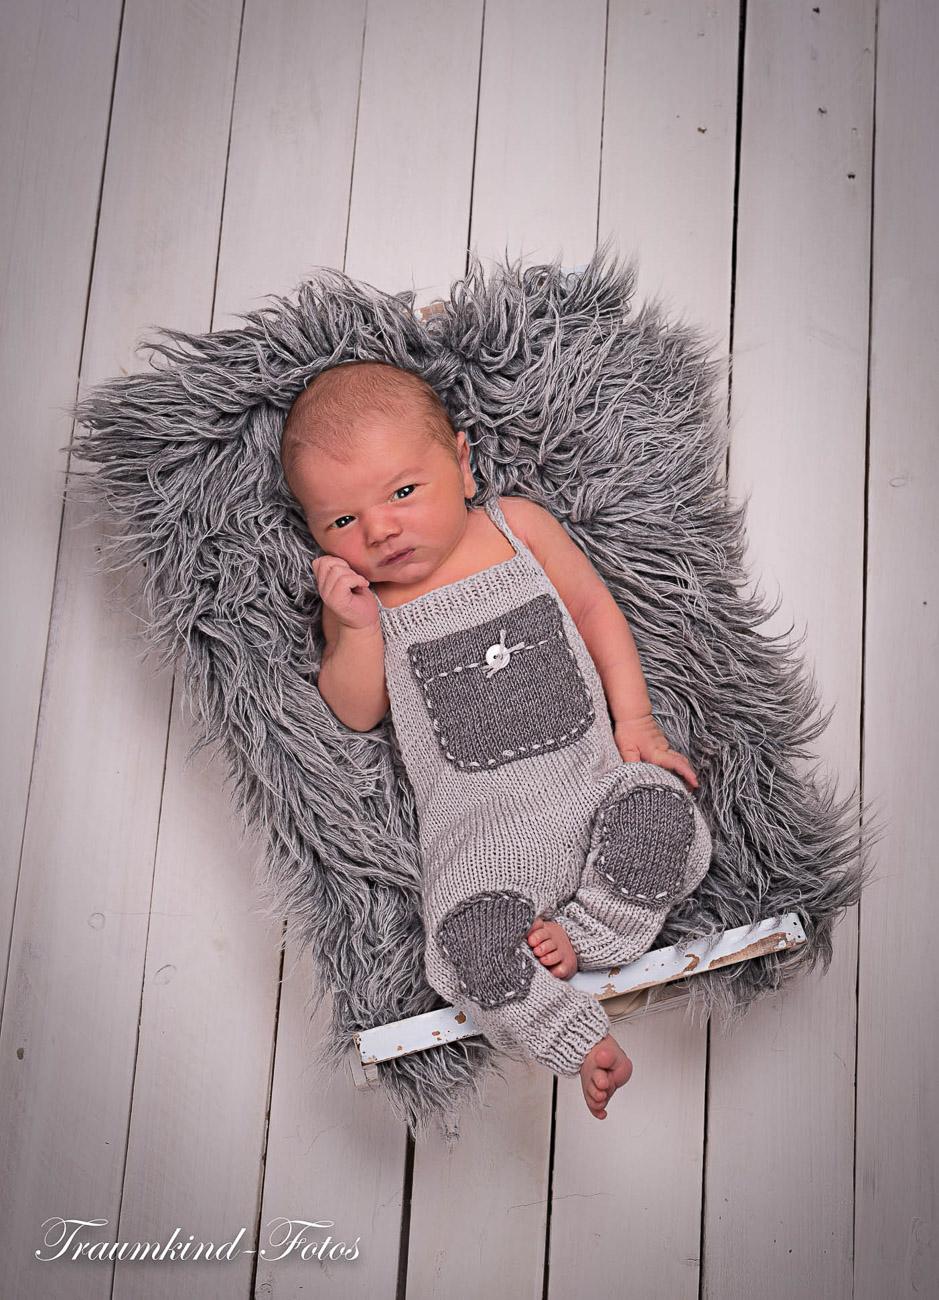 Traumkind Fotos Newborn Fotos Essen 9 1 - Babyfotos